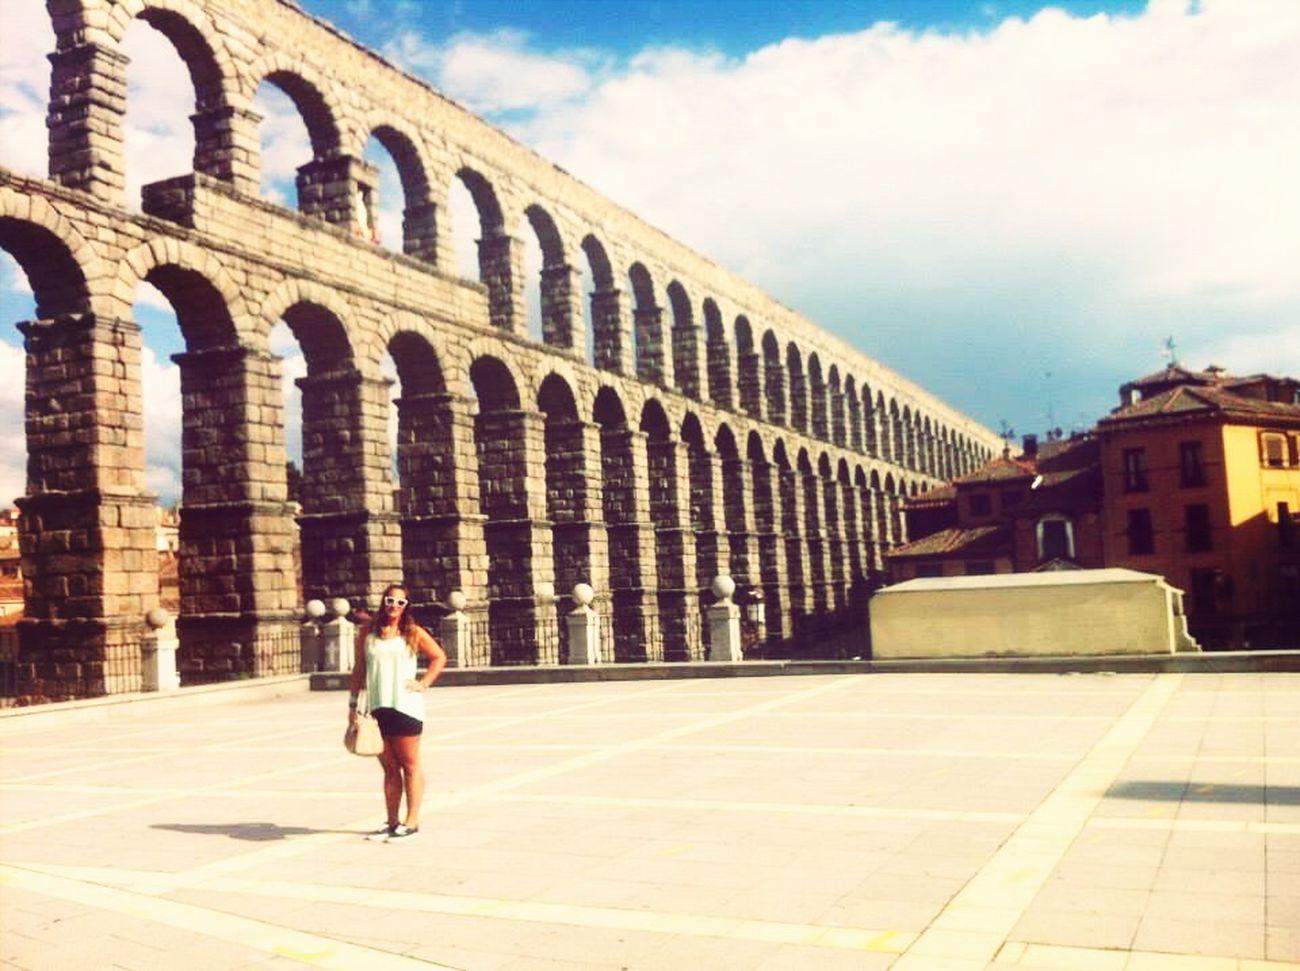 Segovia Acueducto-Segovia Pueblos De España Enjoying Life